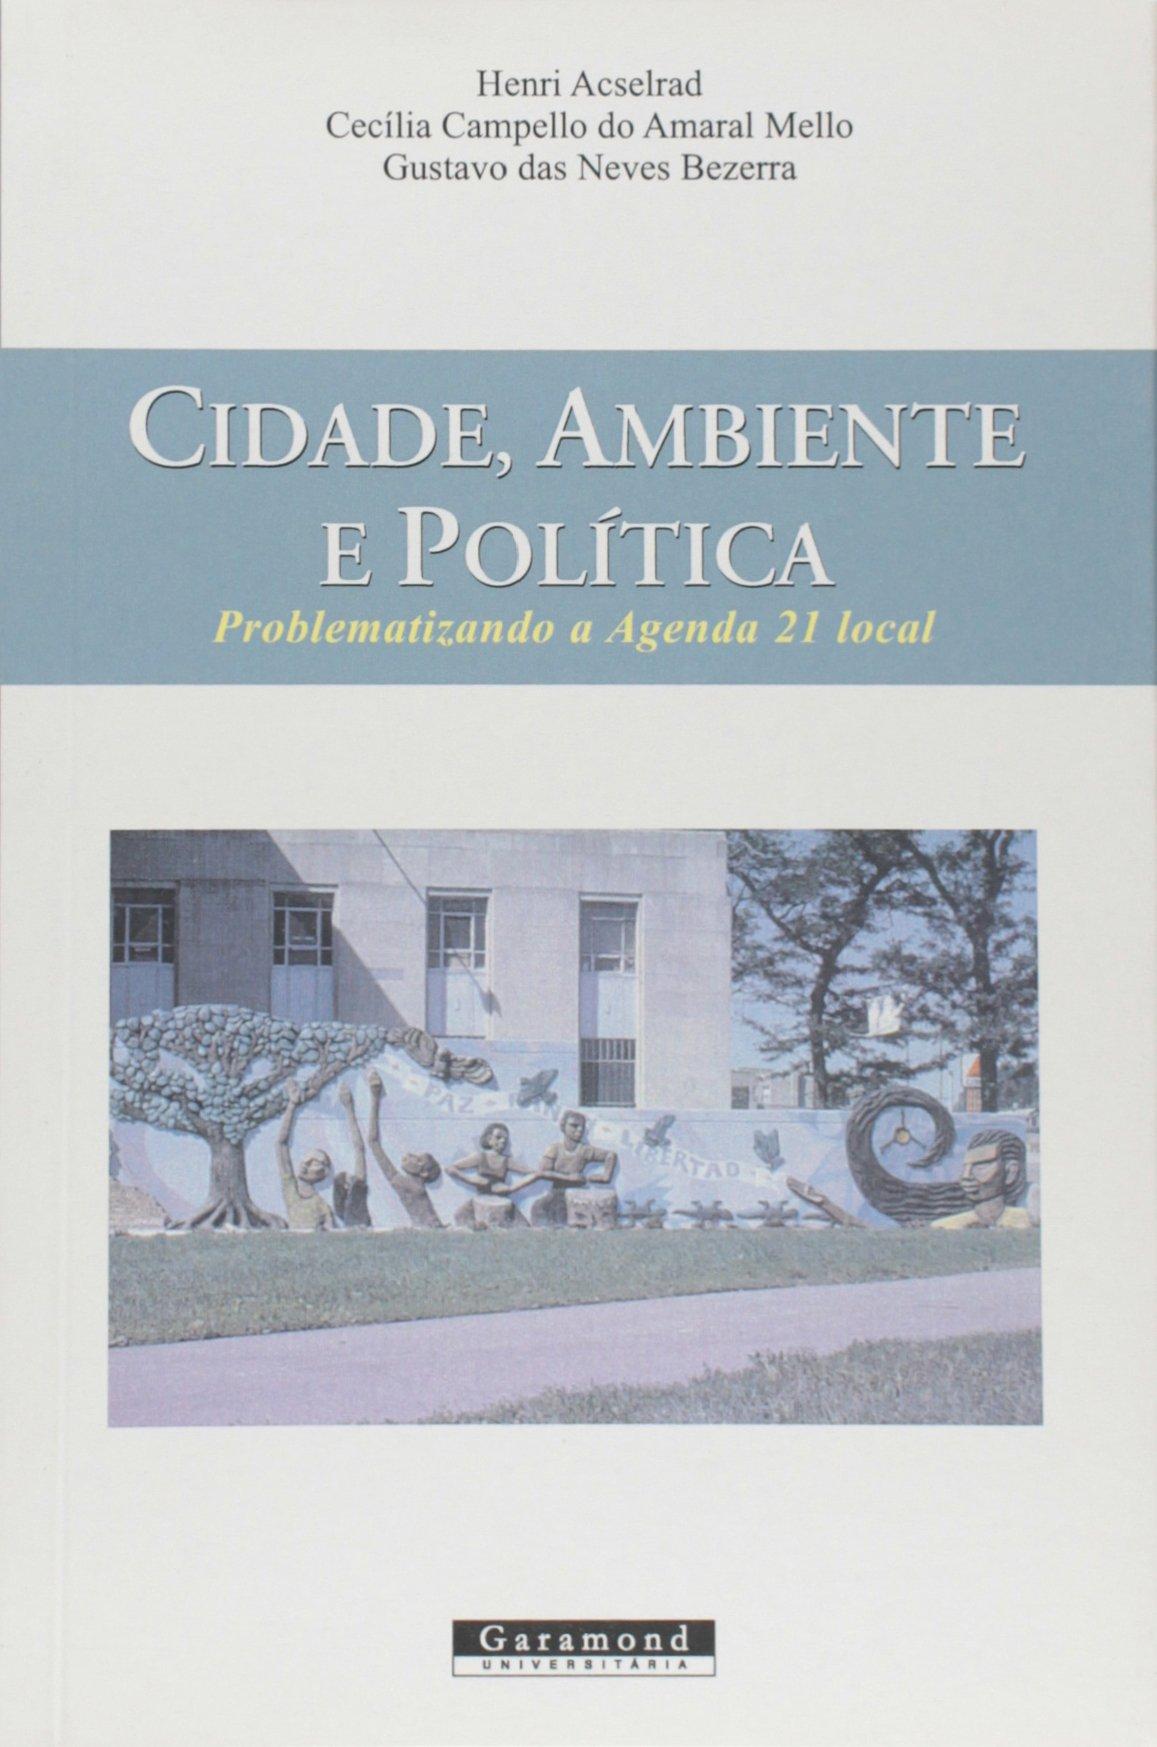 Cidade, Ambiente E Politica: Henri Acselrad: 9788576171058 ...